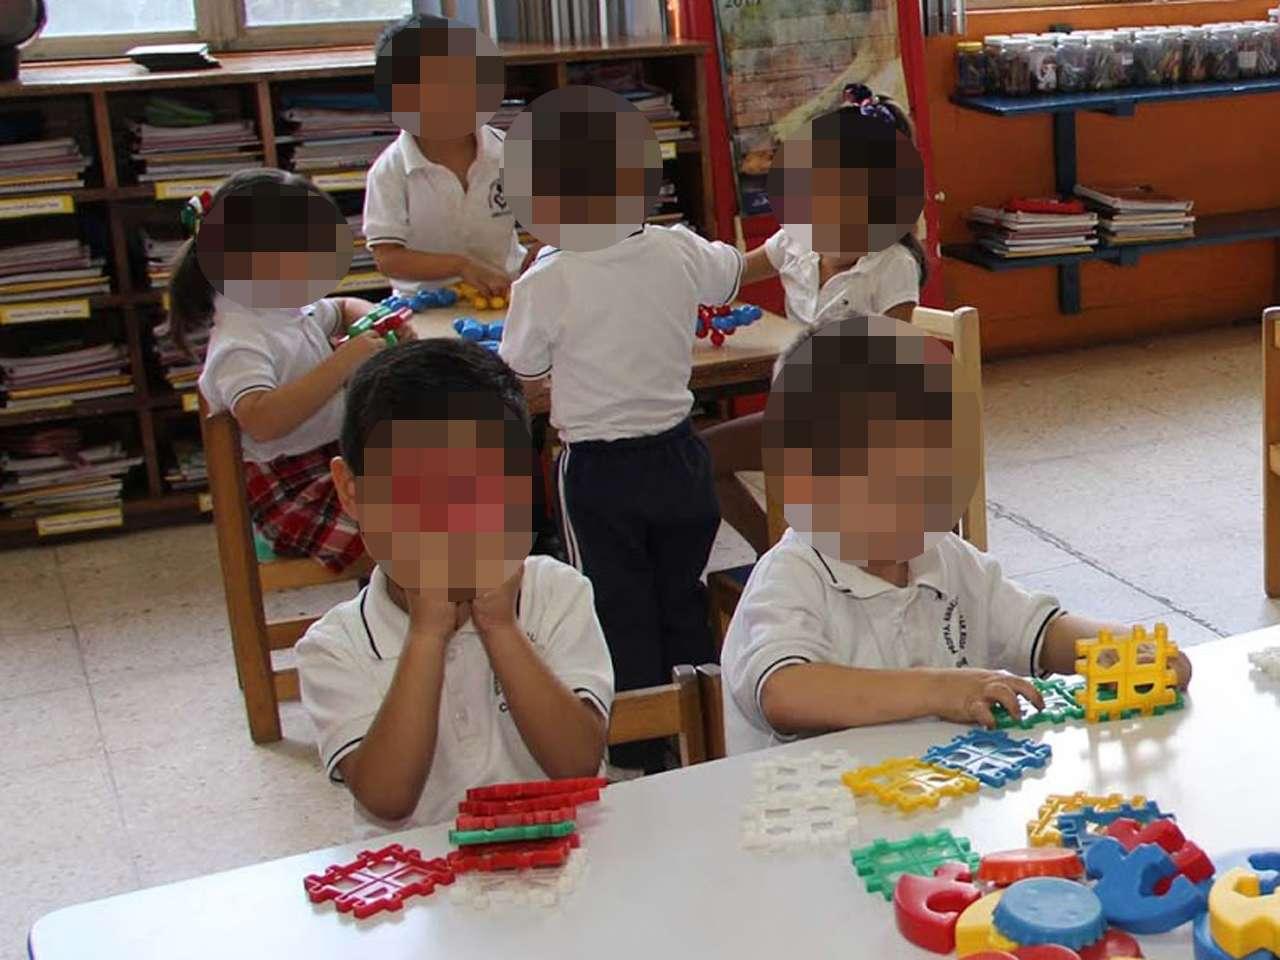 De acuerdo con la CNDH, el maltrato contra los alumnos fue posible debido a diversas omisiones de parte de autoridades educativas Foto: Especial/Archivo